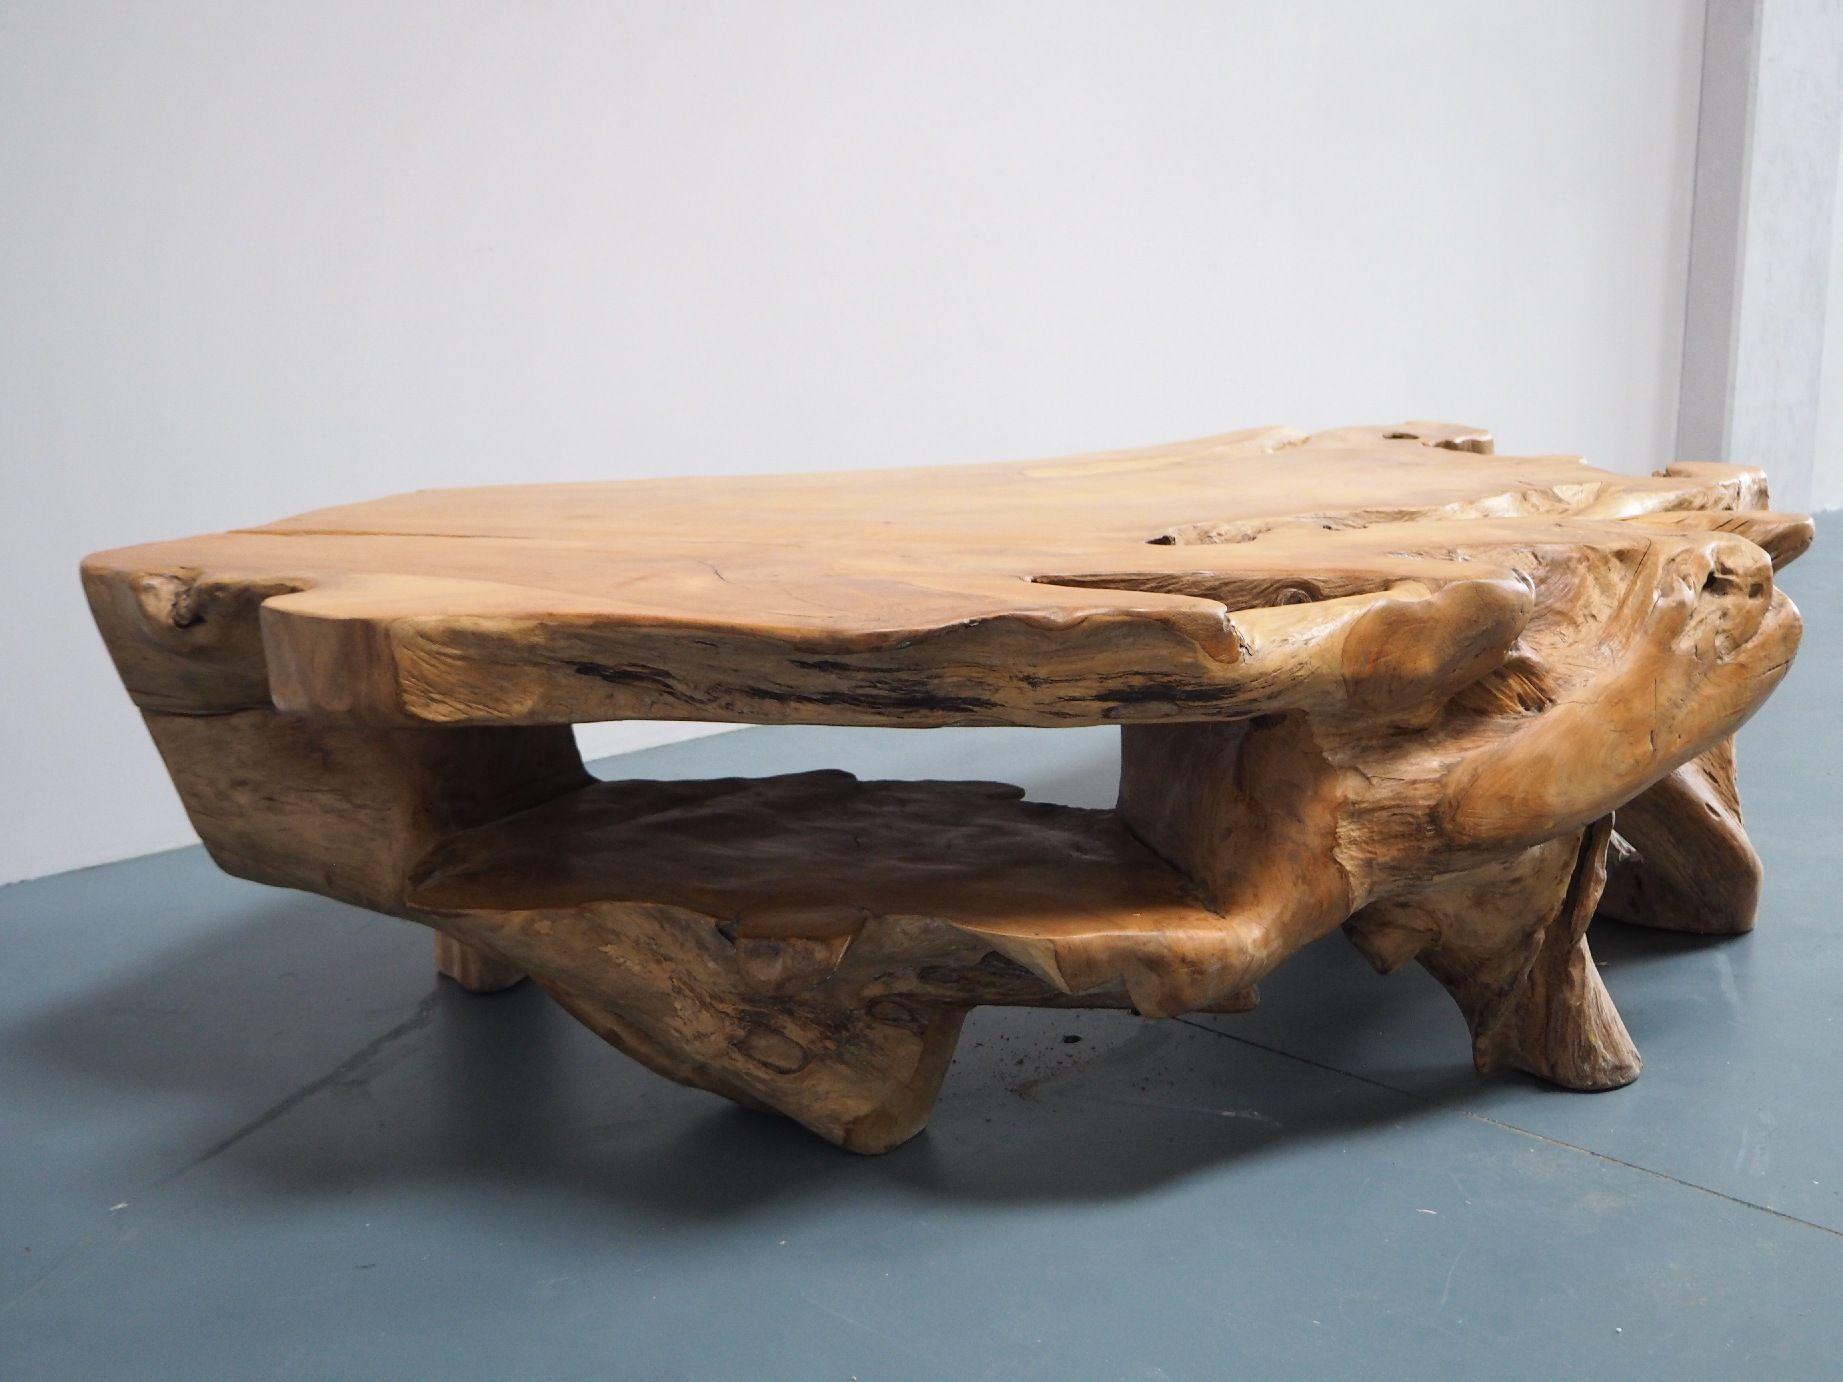 Mesa de centro de madera Indonesia Bali